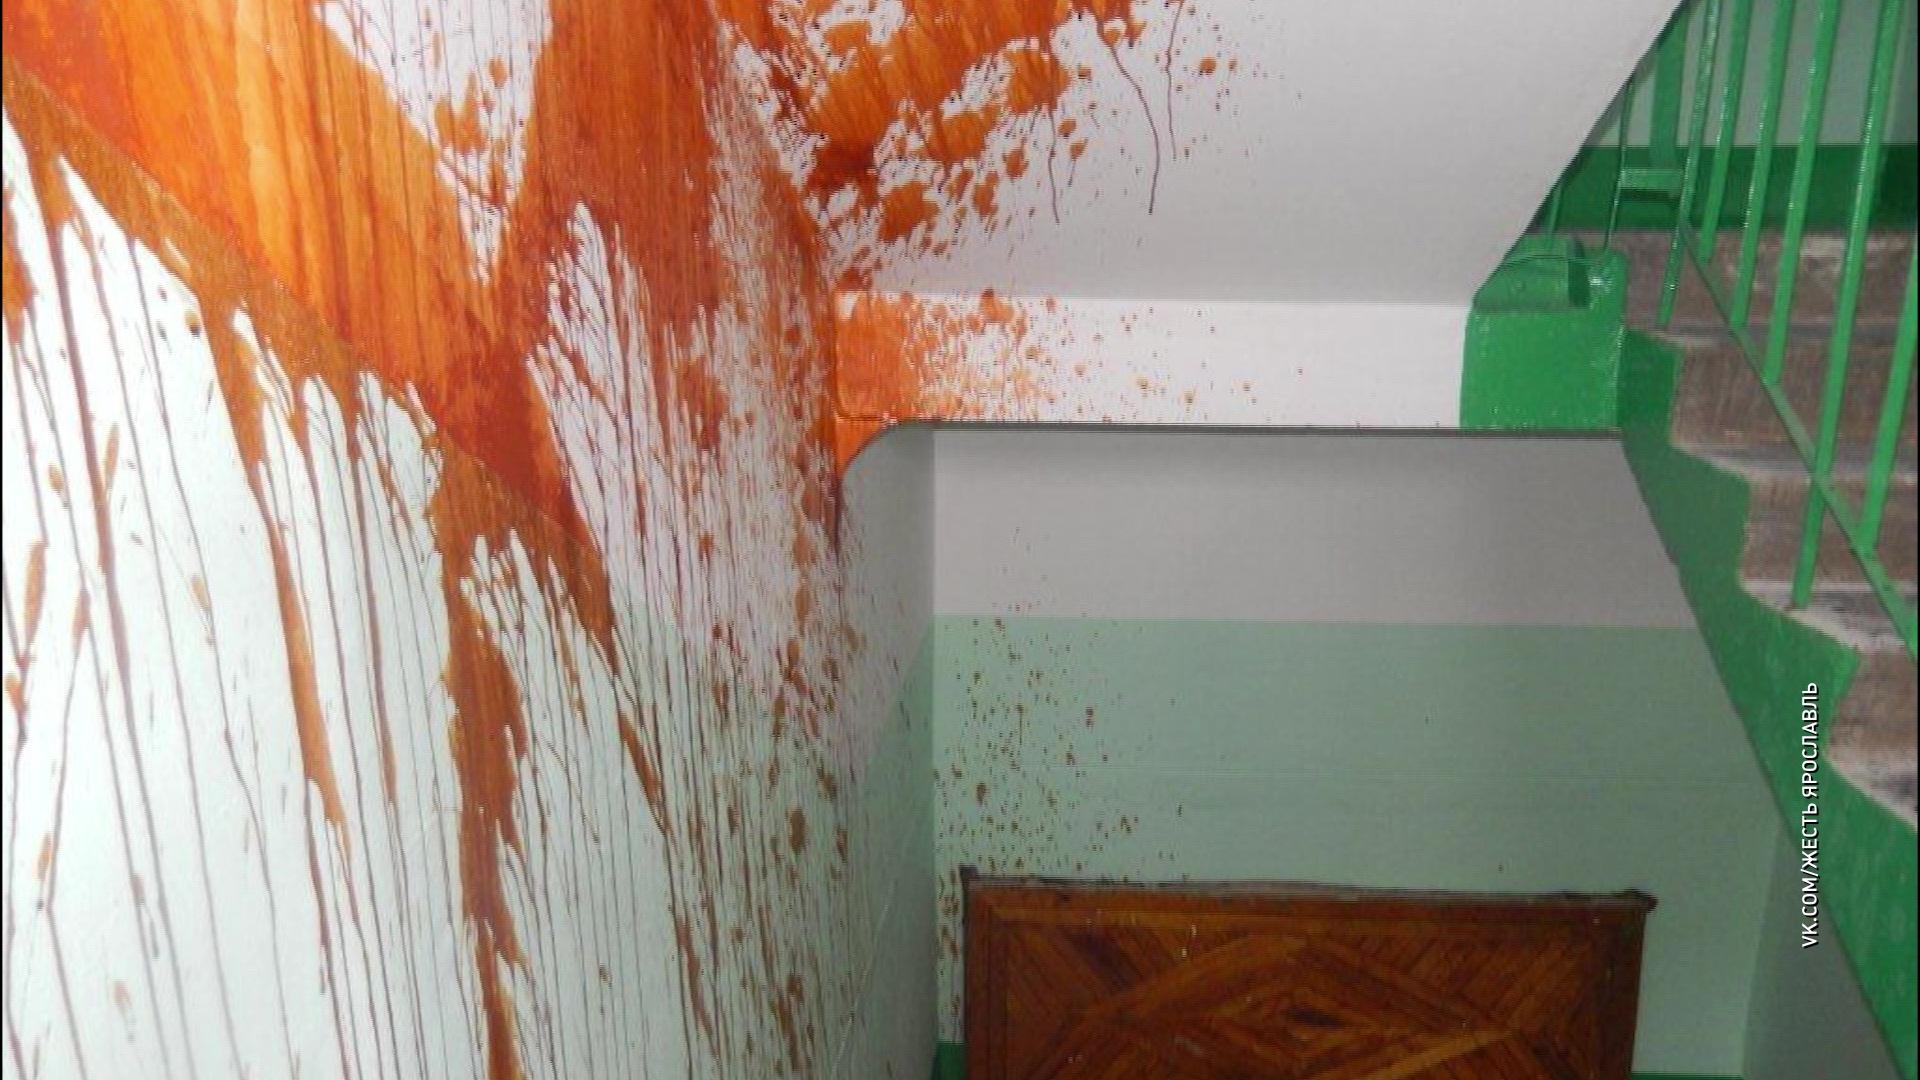 Вандалы облили краской только что отремонтированные стены в ярославской многоэтажке